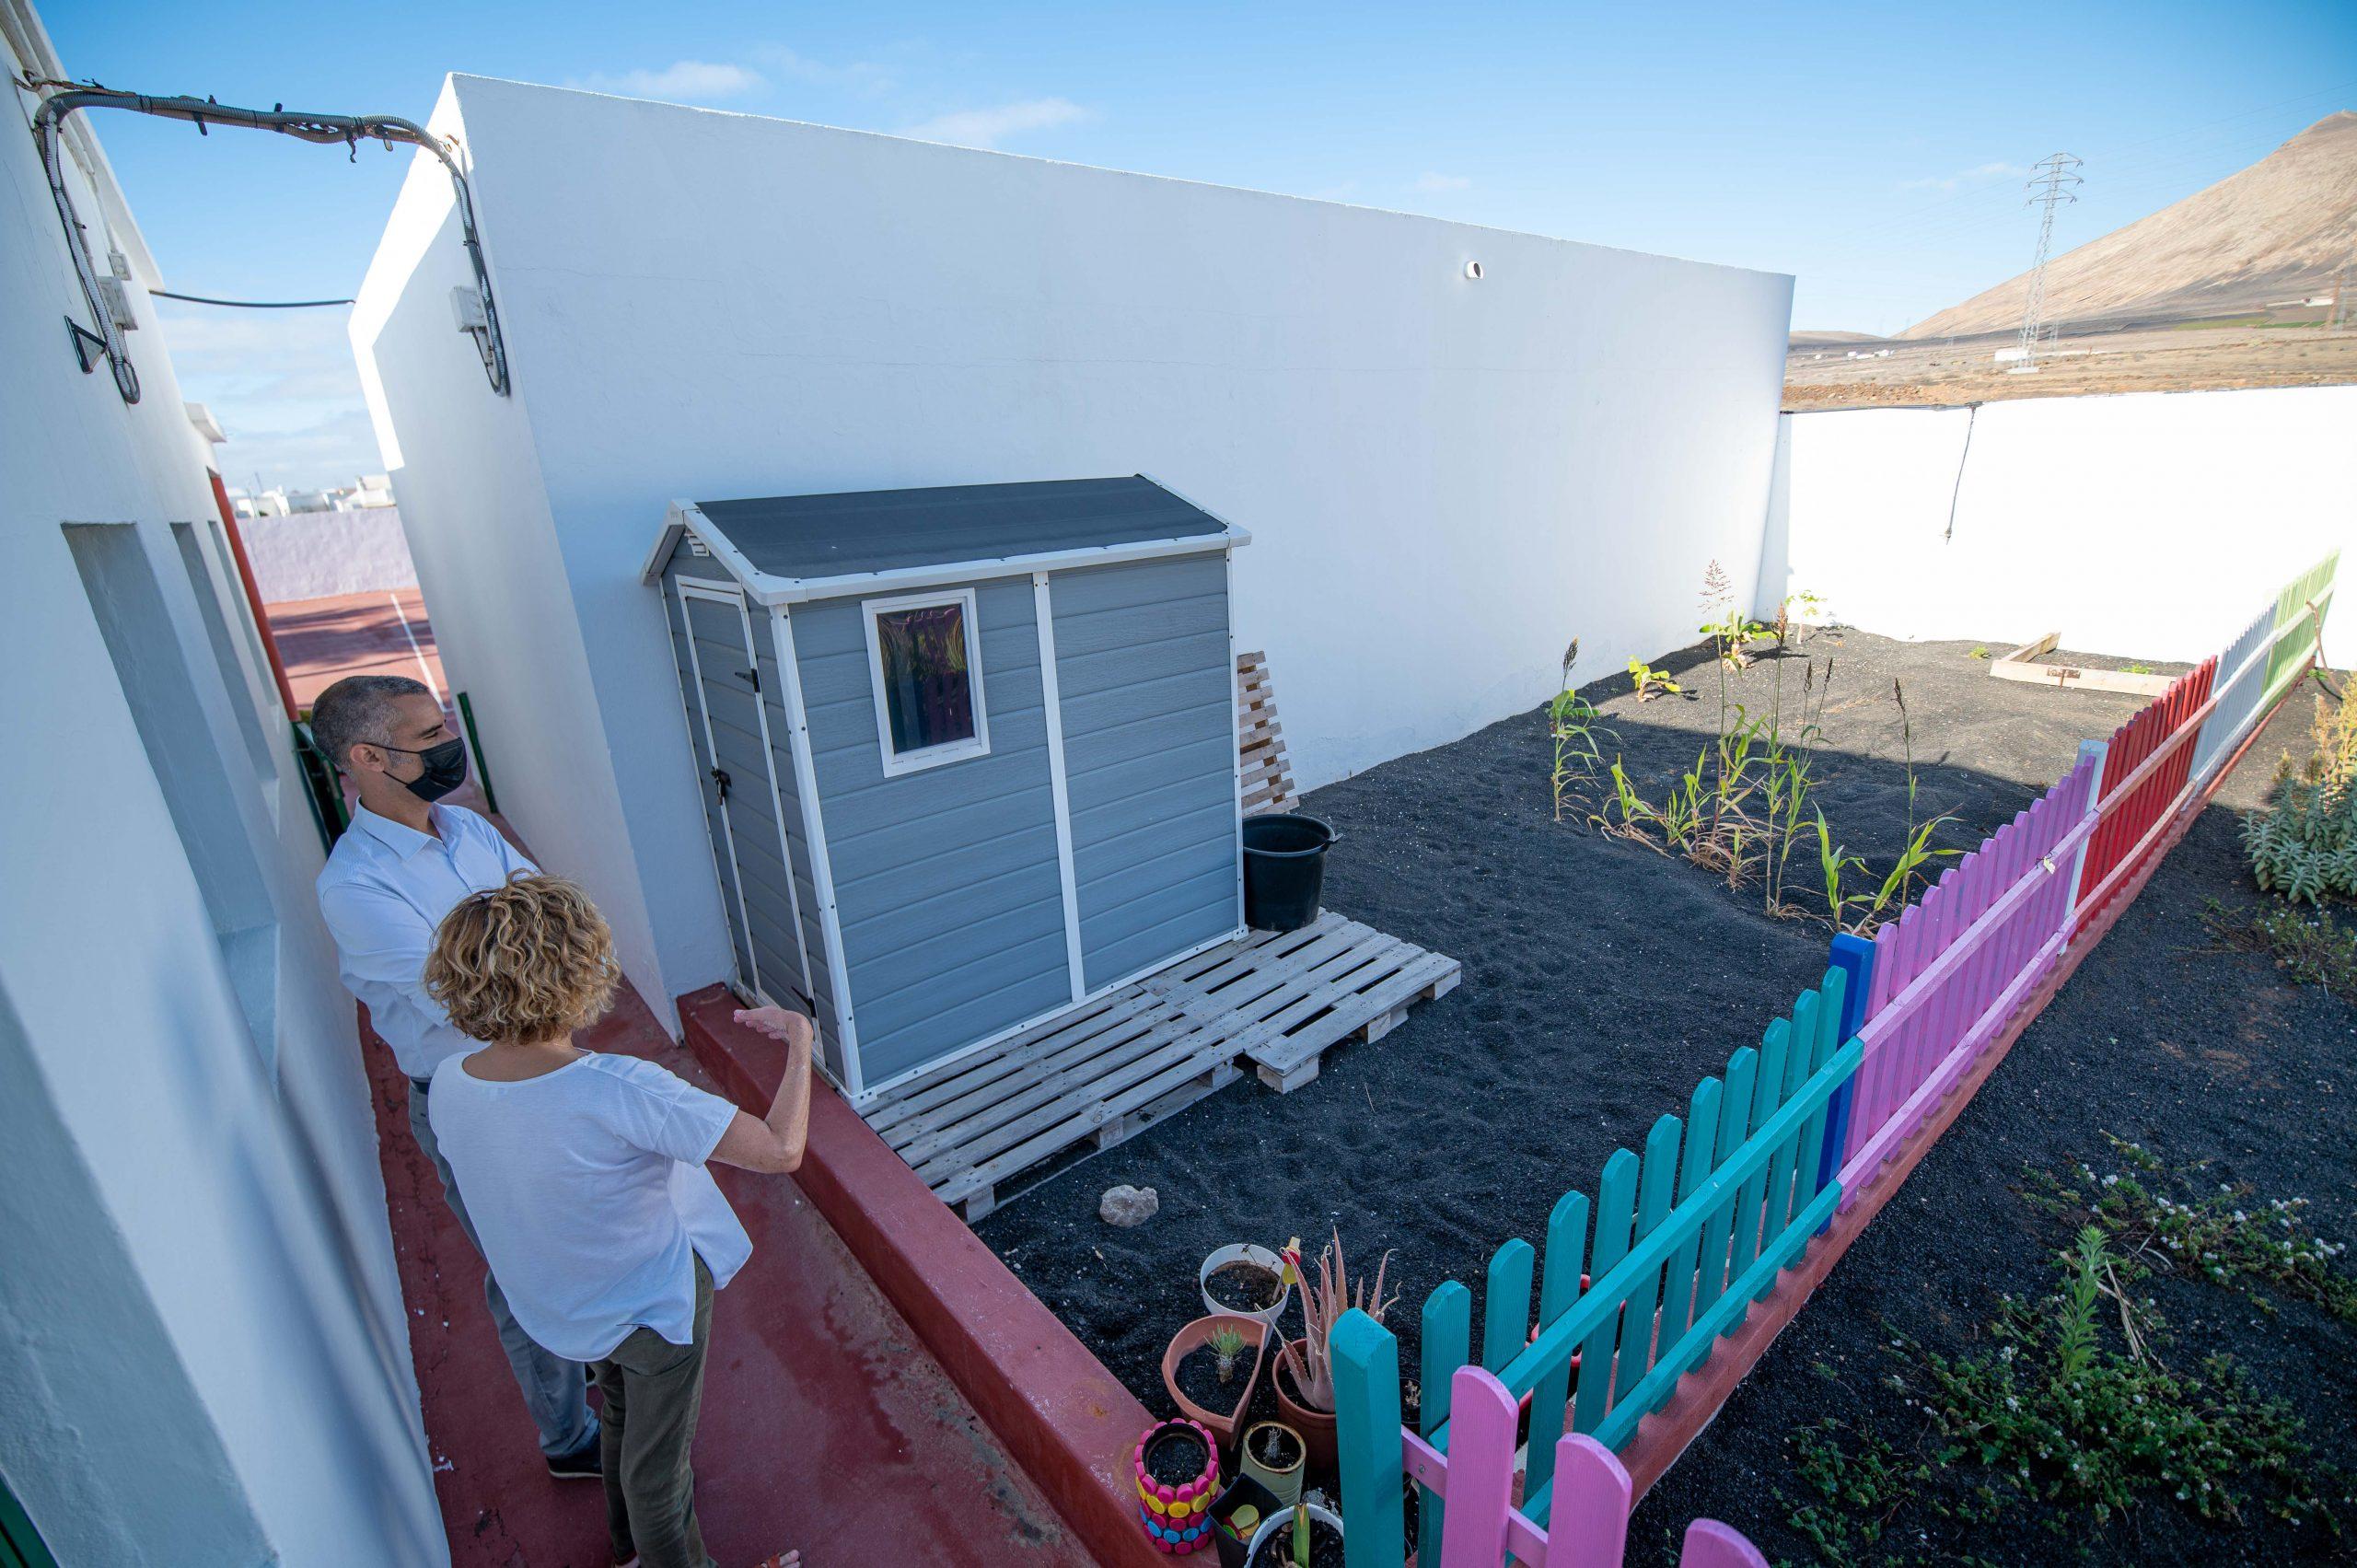 El CEIP Güime ampliará sus instalaciones con una nueva sala de uso polivalente y un baño adaptado